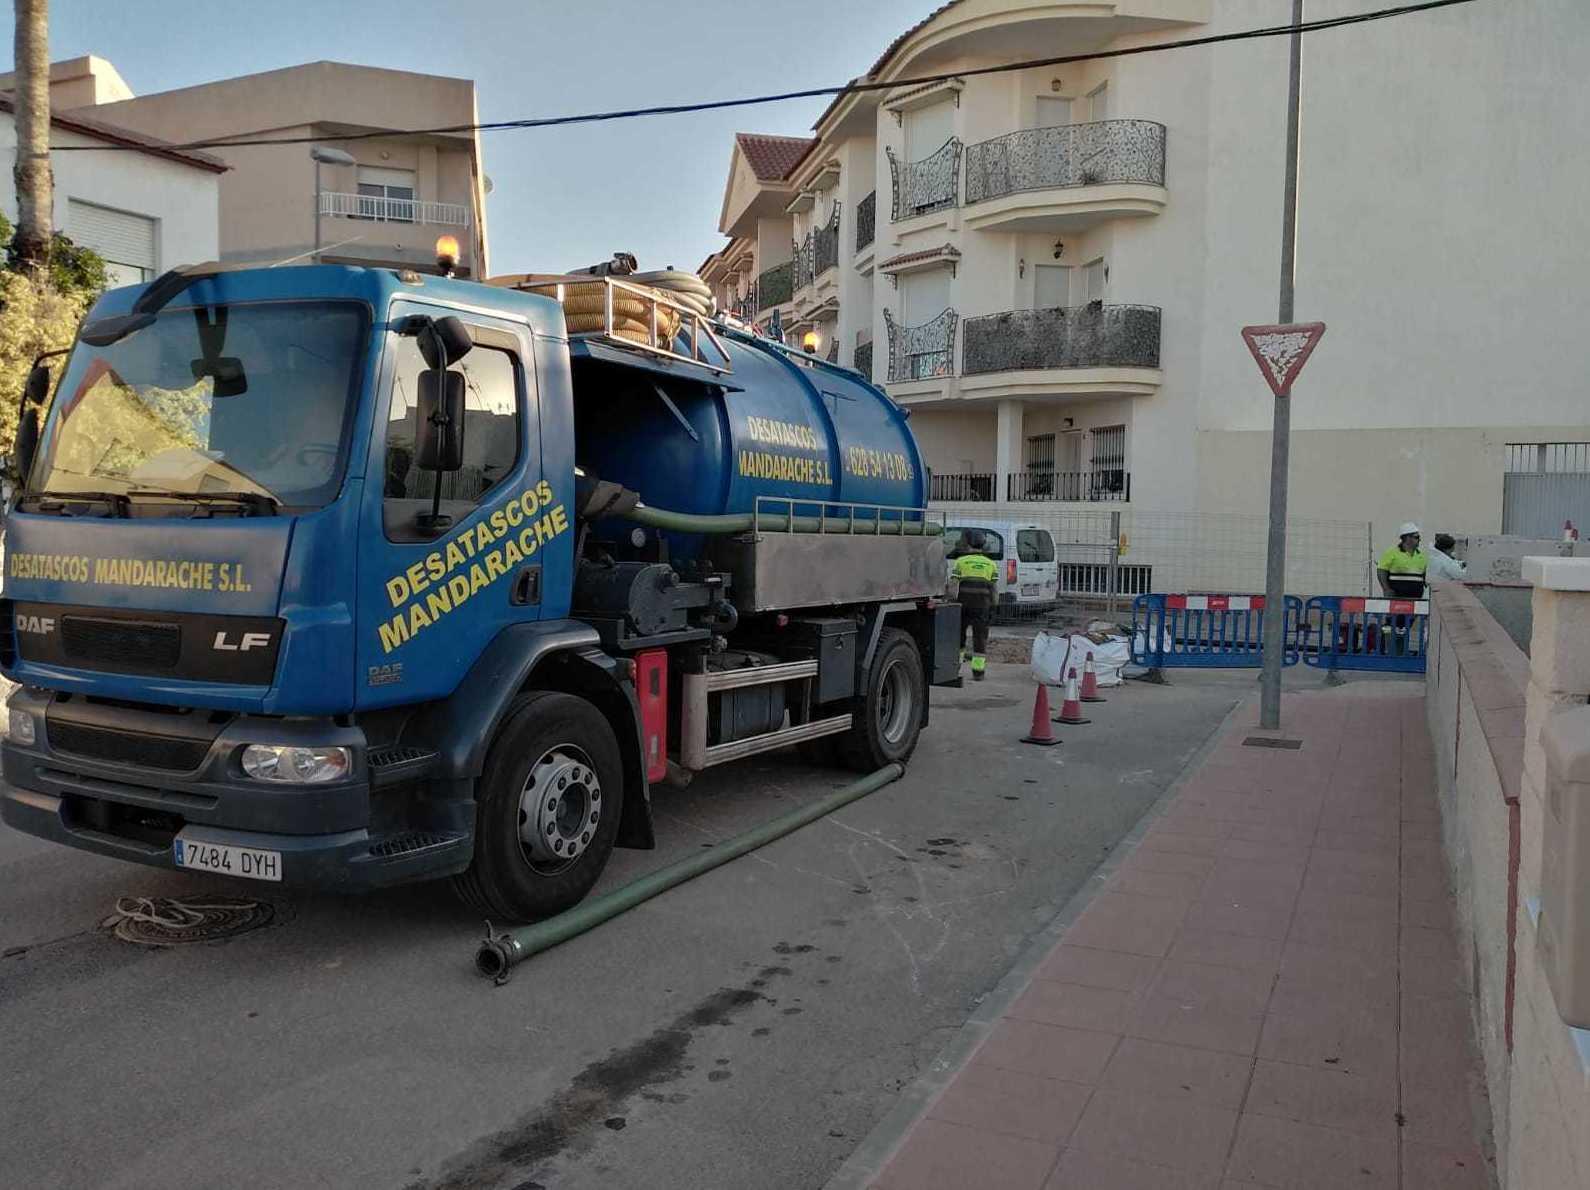 Foto 13 de Desatascos en Cartagena | Desatascos Mandarache, S.L.